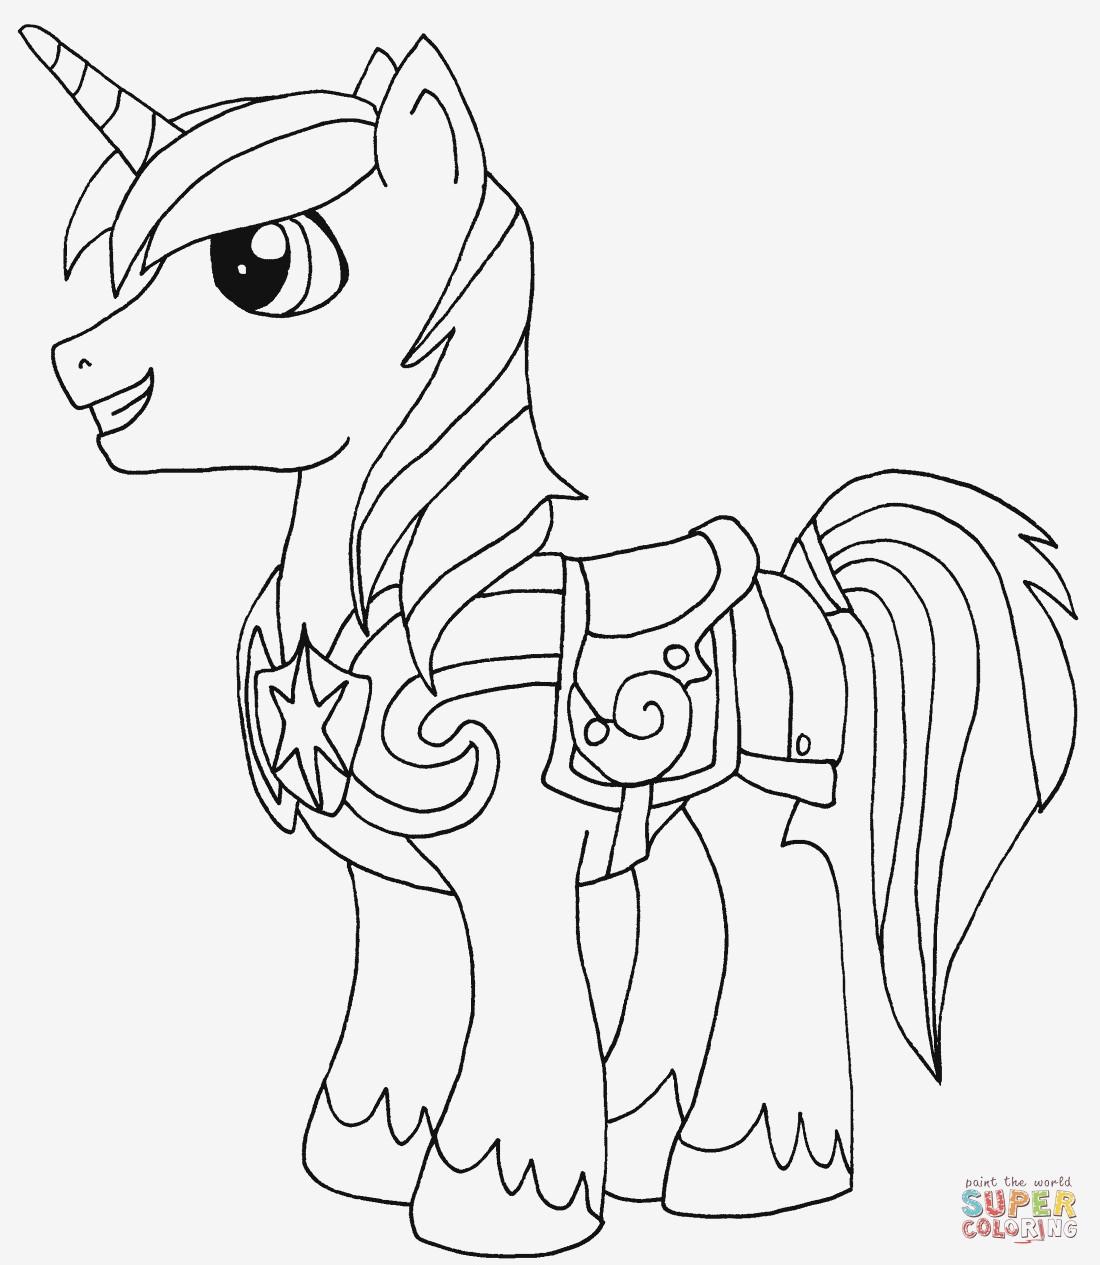 Malvorlagen My Little Pony Neu Einhorn Malvorlage Klein Verschiedene Bilder Färben Ausmalbilder My Das Bild